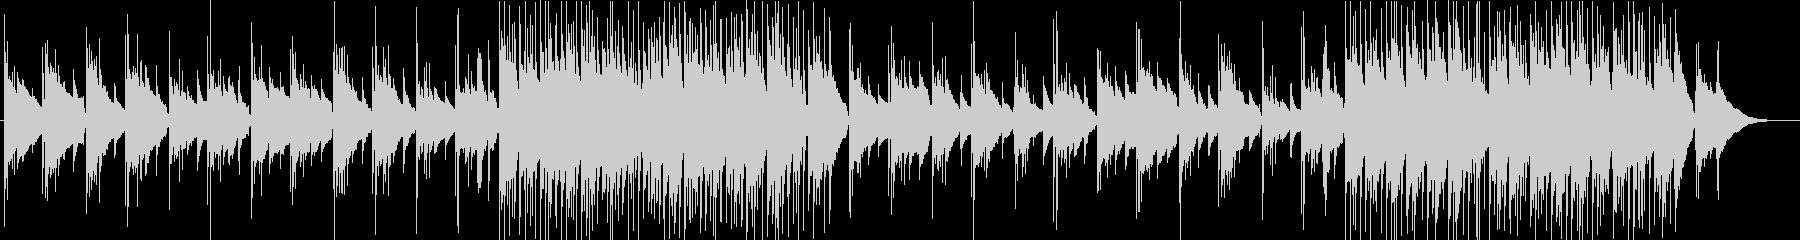 アコギ生演奏 前向き 浮遊感の未再生の波形